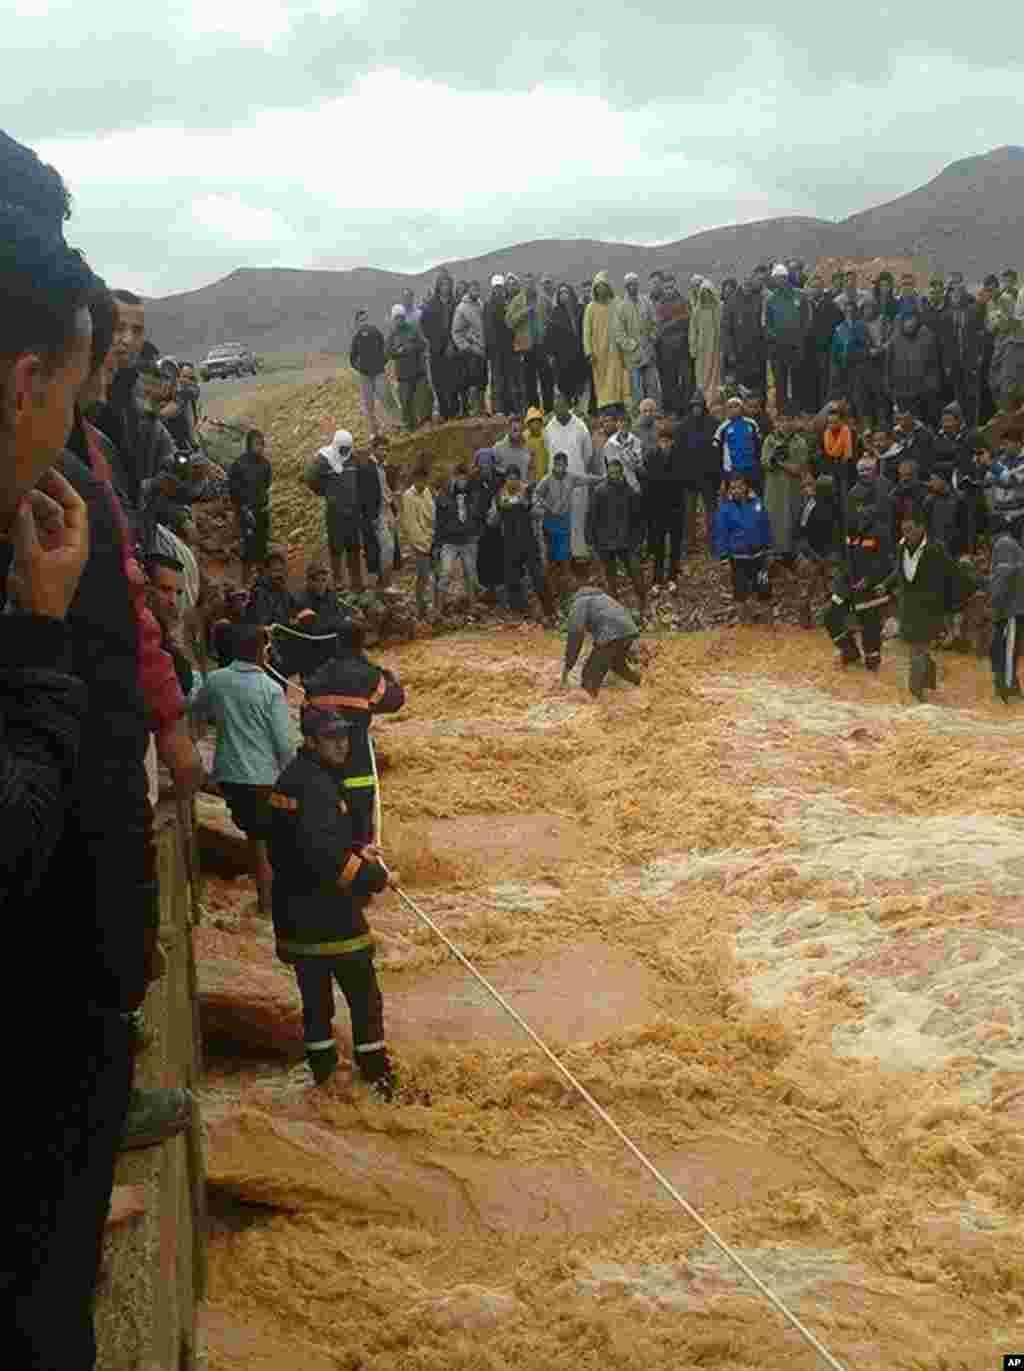 Cette image prise avec un téléphone portable montre pompiers marocains tirant une corde dans une tentative de sauver les habitants de Guelmim, au sud ouest du Maroc, bloqués par la crue des eaux, lundi 24 novembre 2014.